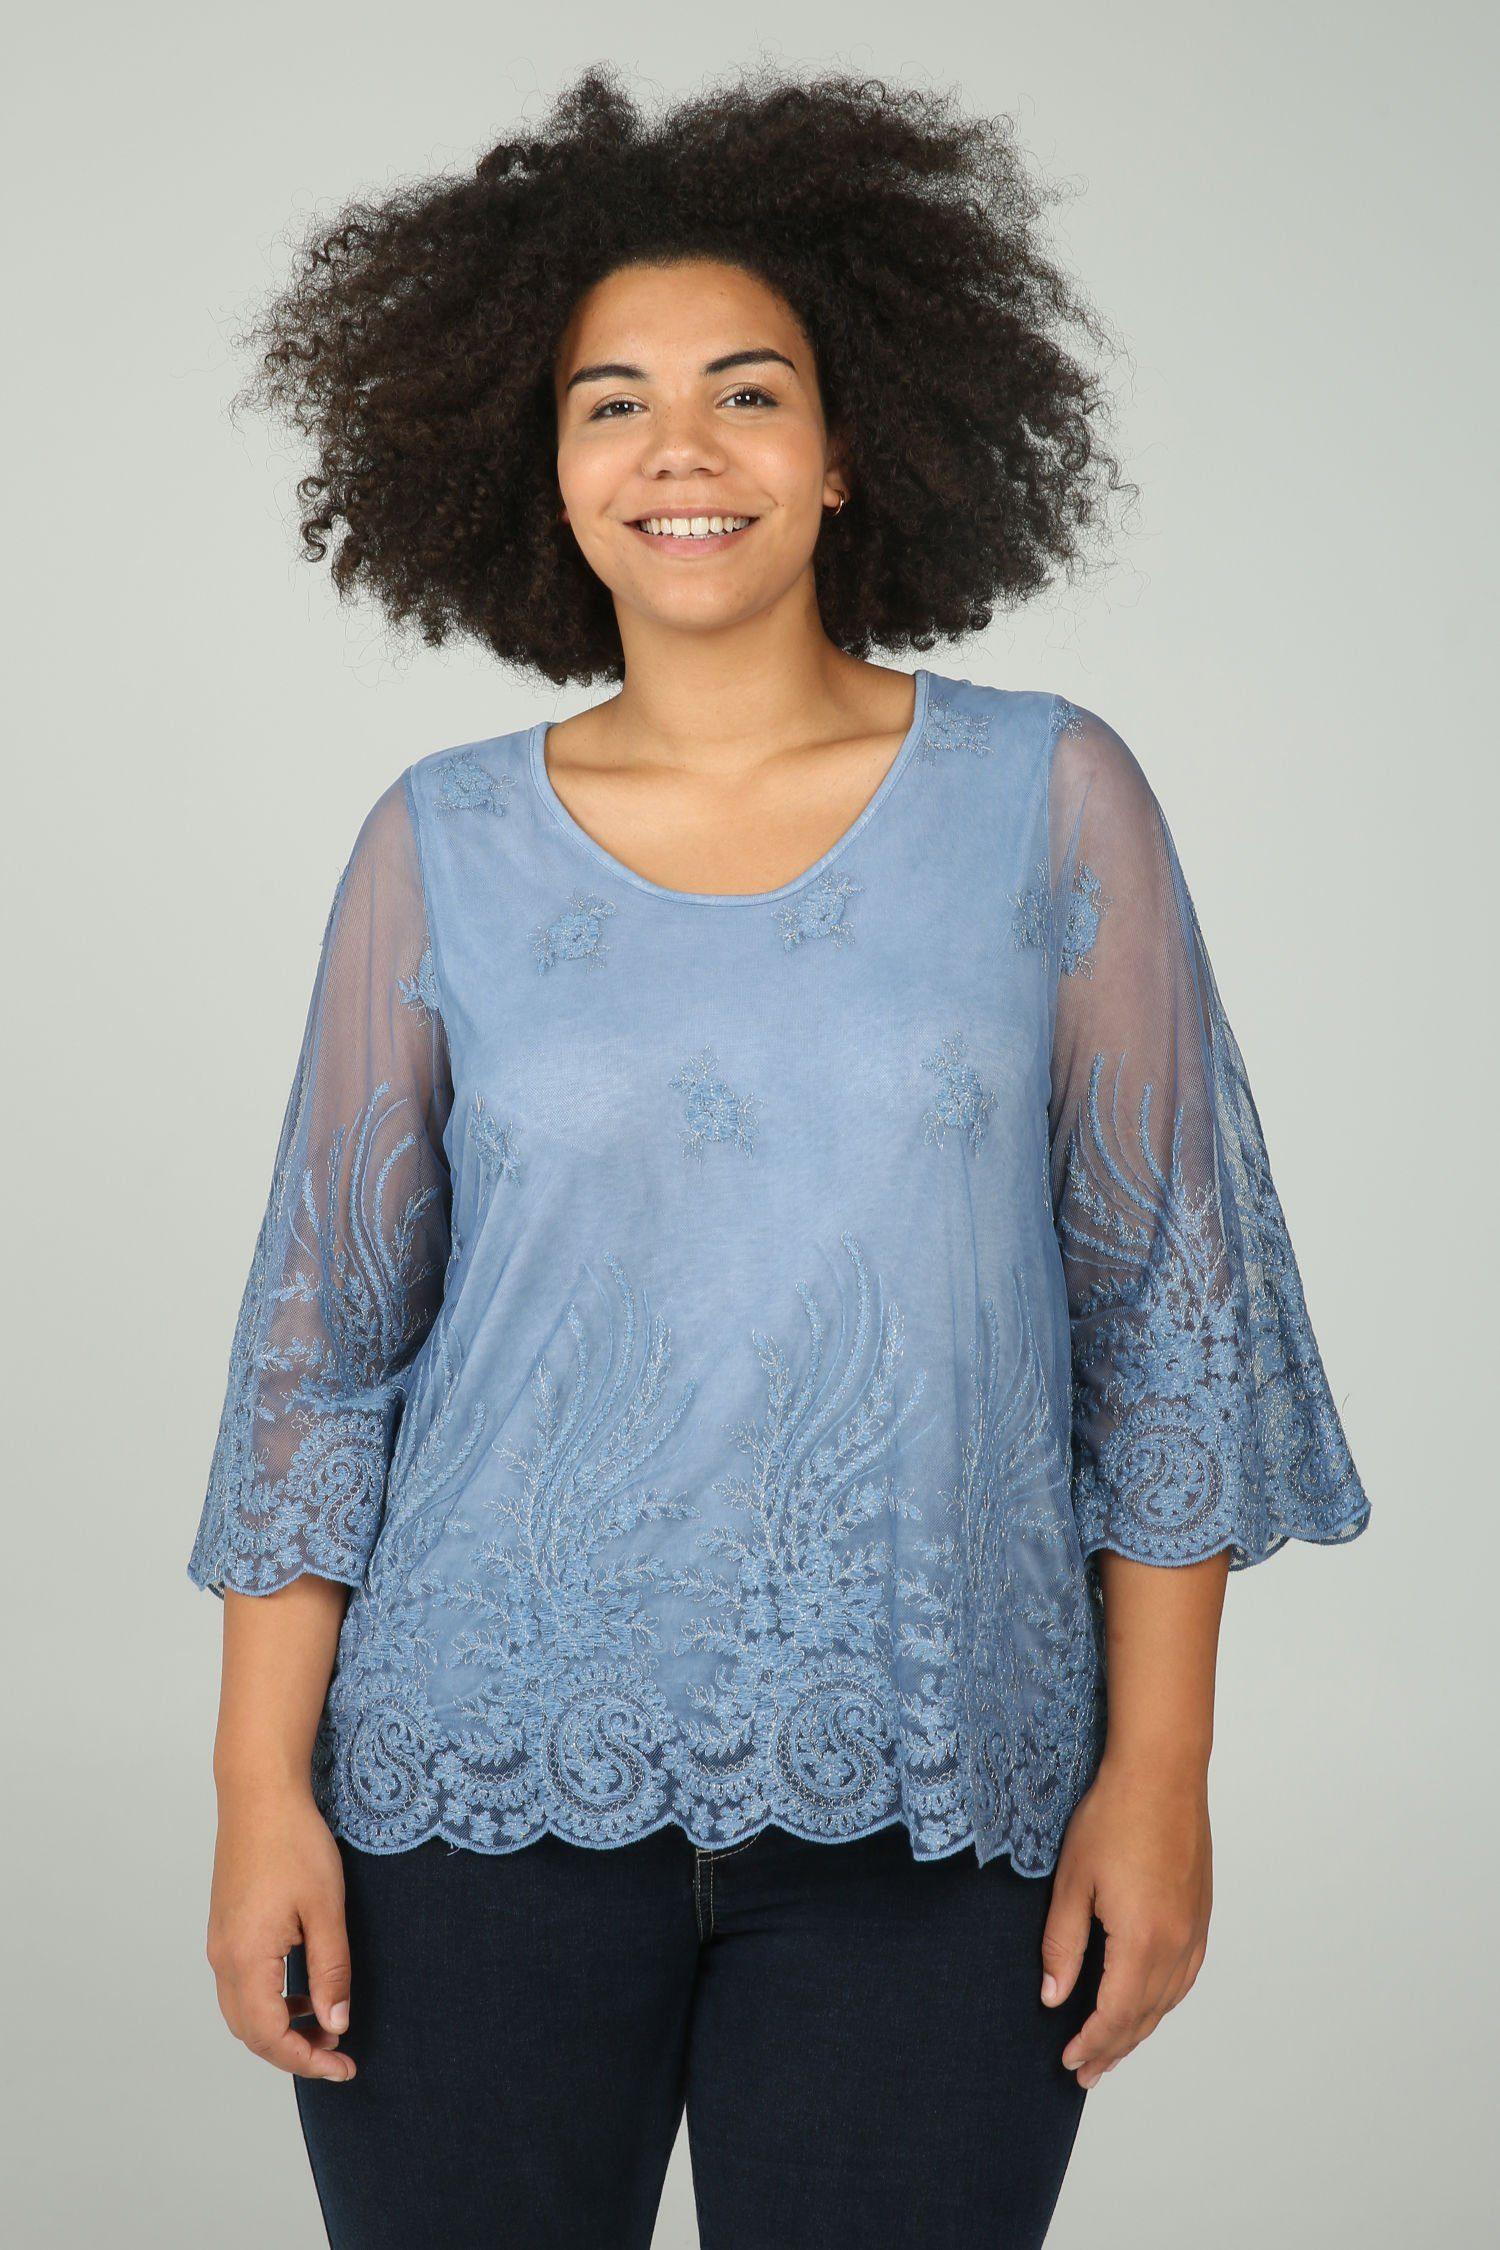 Paprika Longtunika Tunika-T-Shirt mit Stickerei   Bekleidung > Tuniken > Longtuniken   Paprika